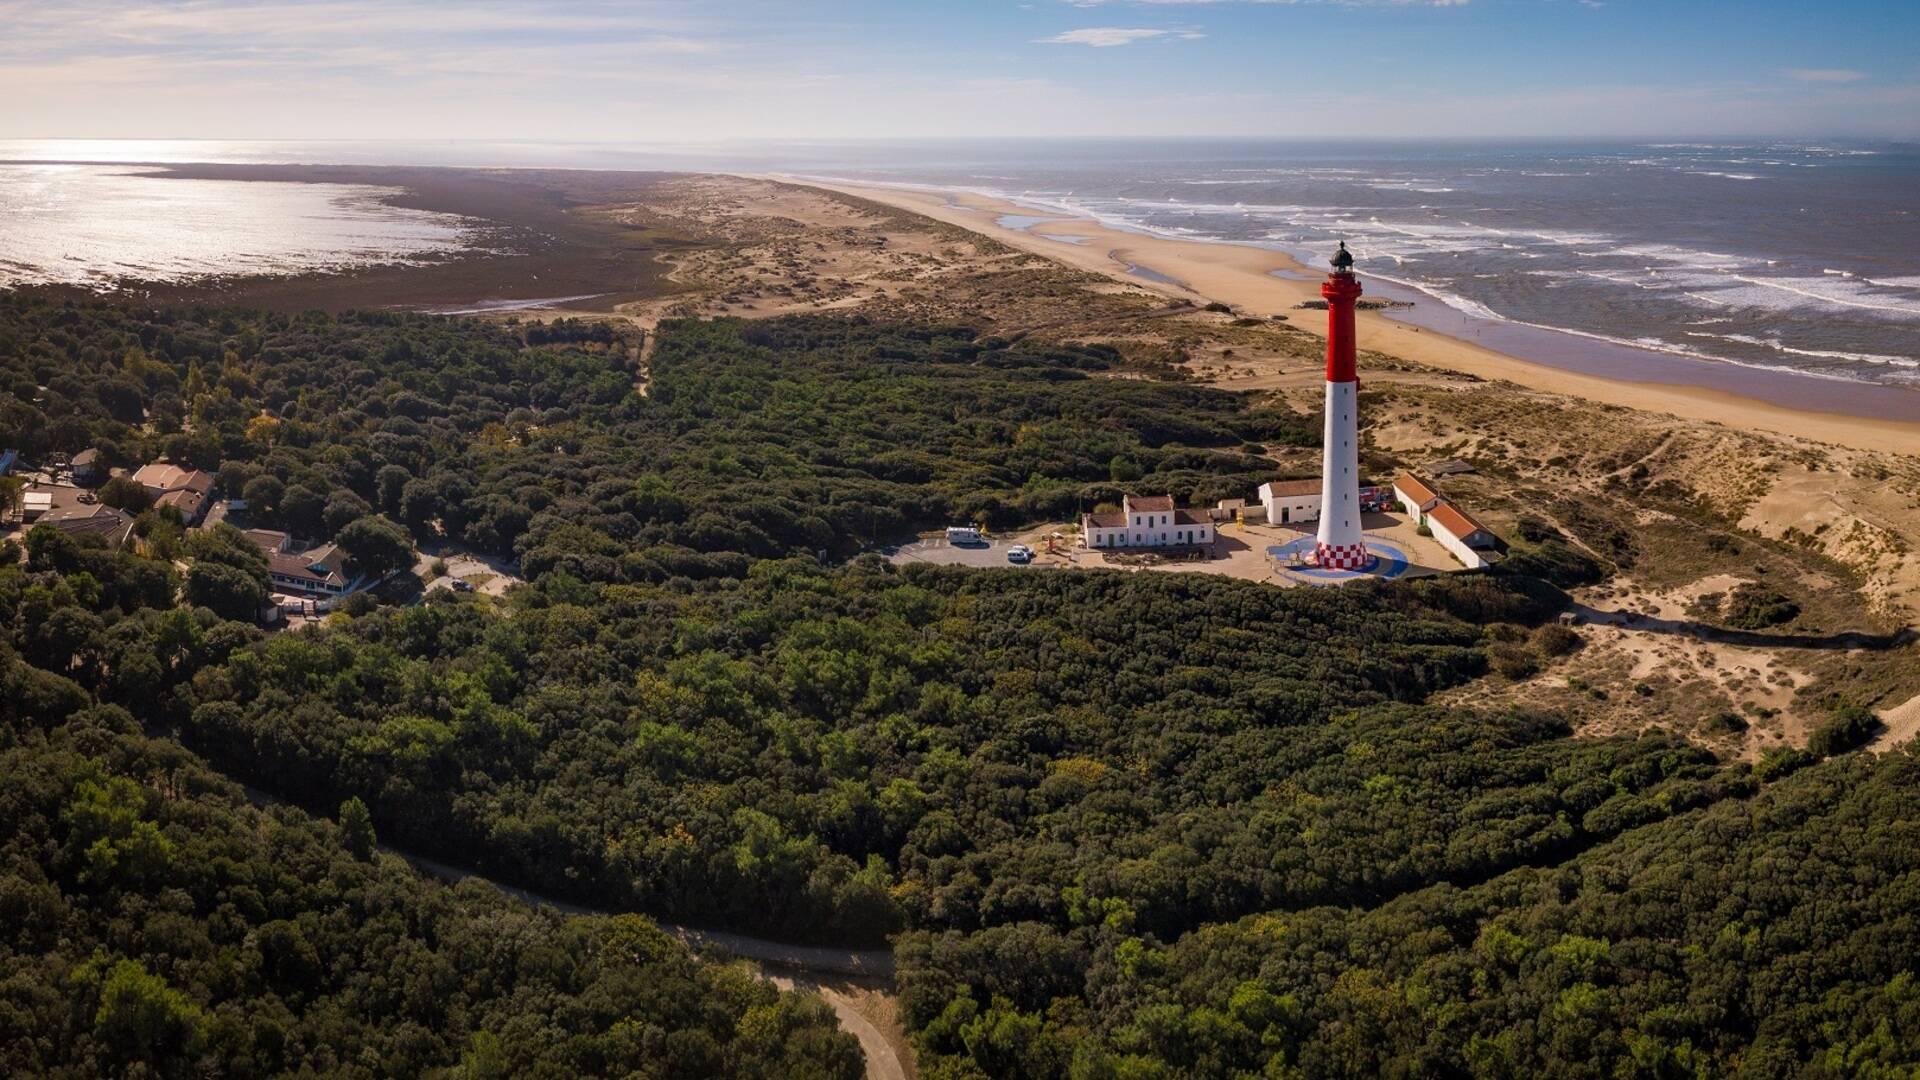 Vue de la Côte Sauvage et du phare de la Coubre - ©Shutterstock